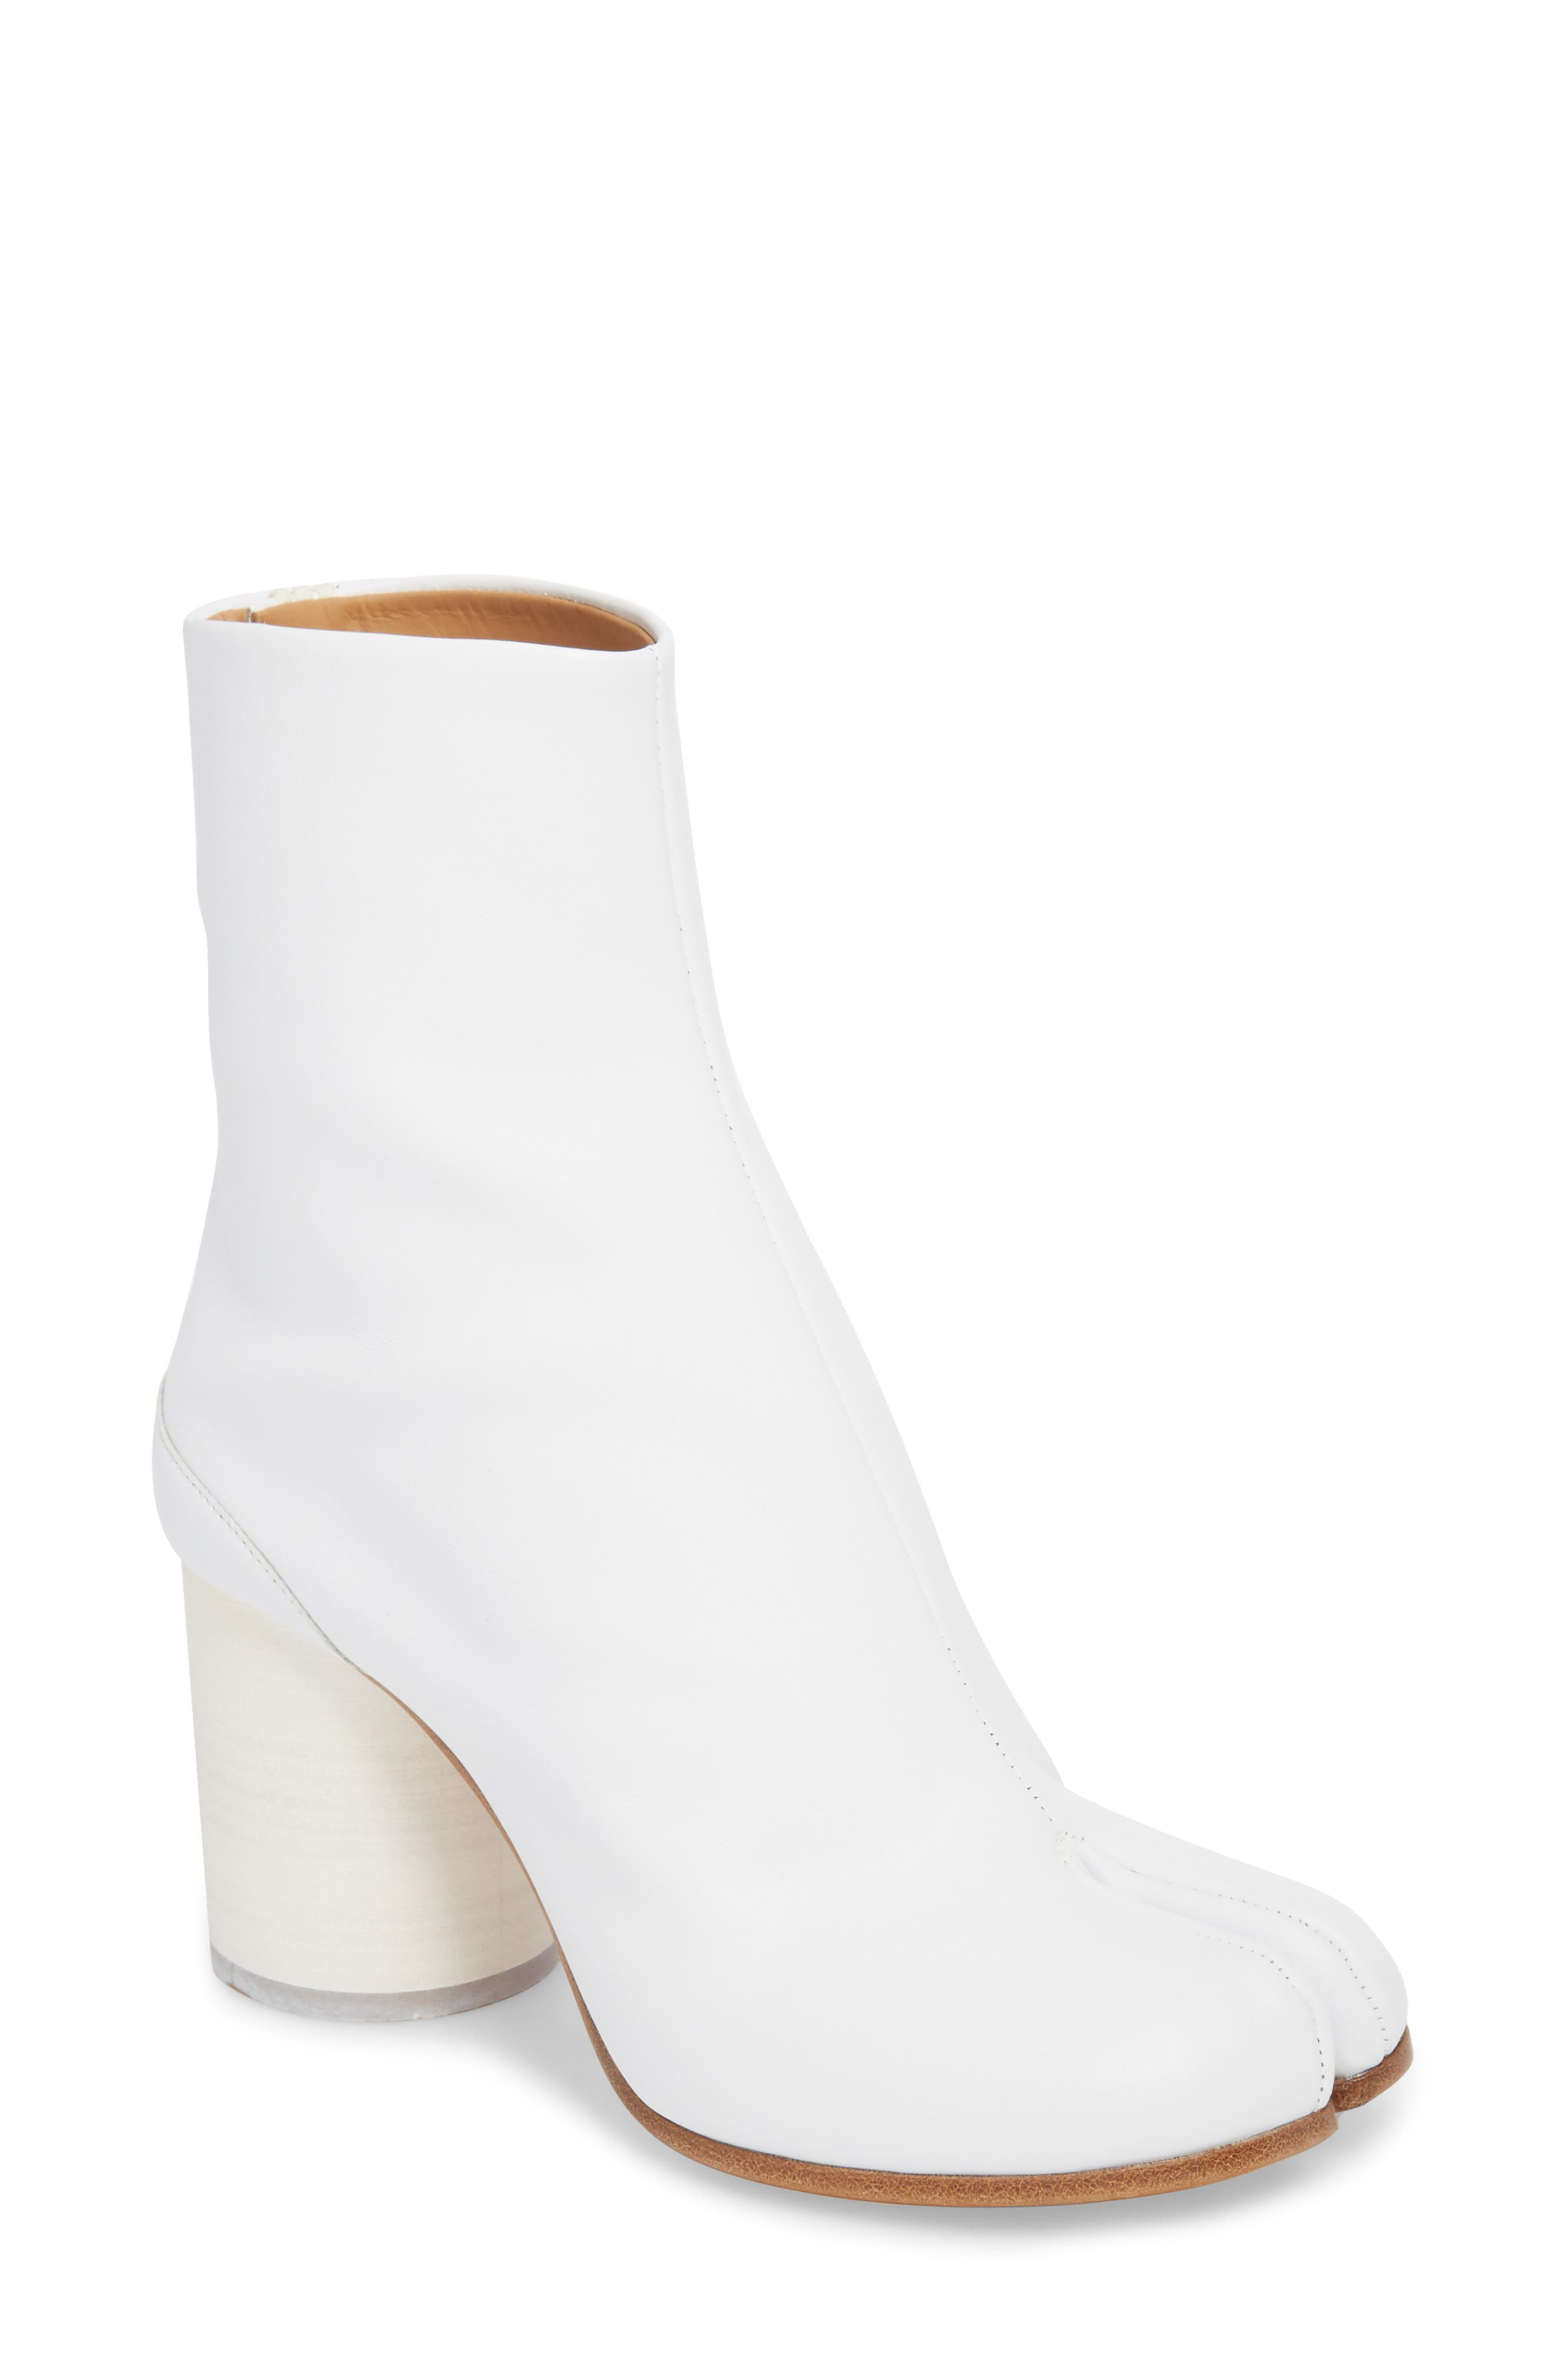 Maison Margiela Tabi Boot (Women